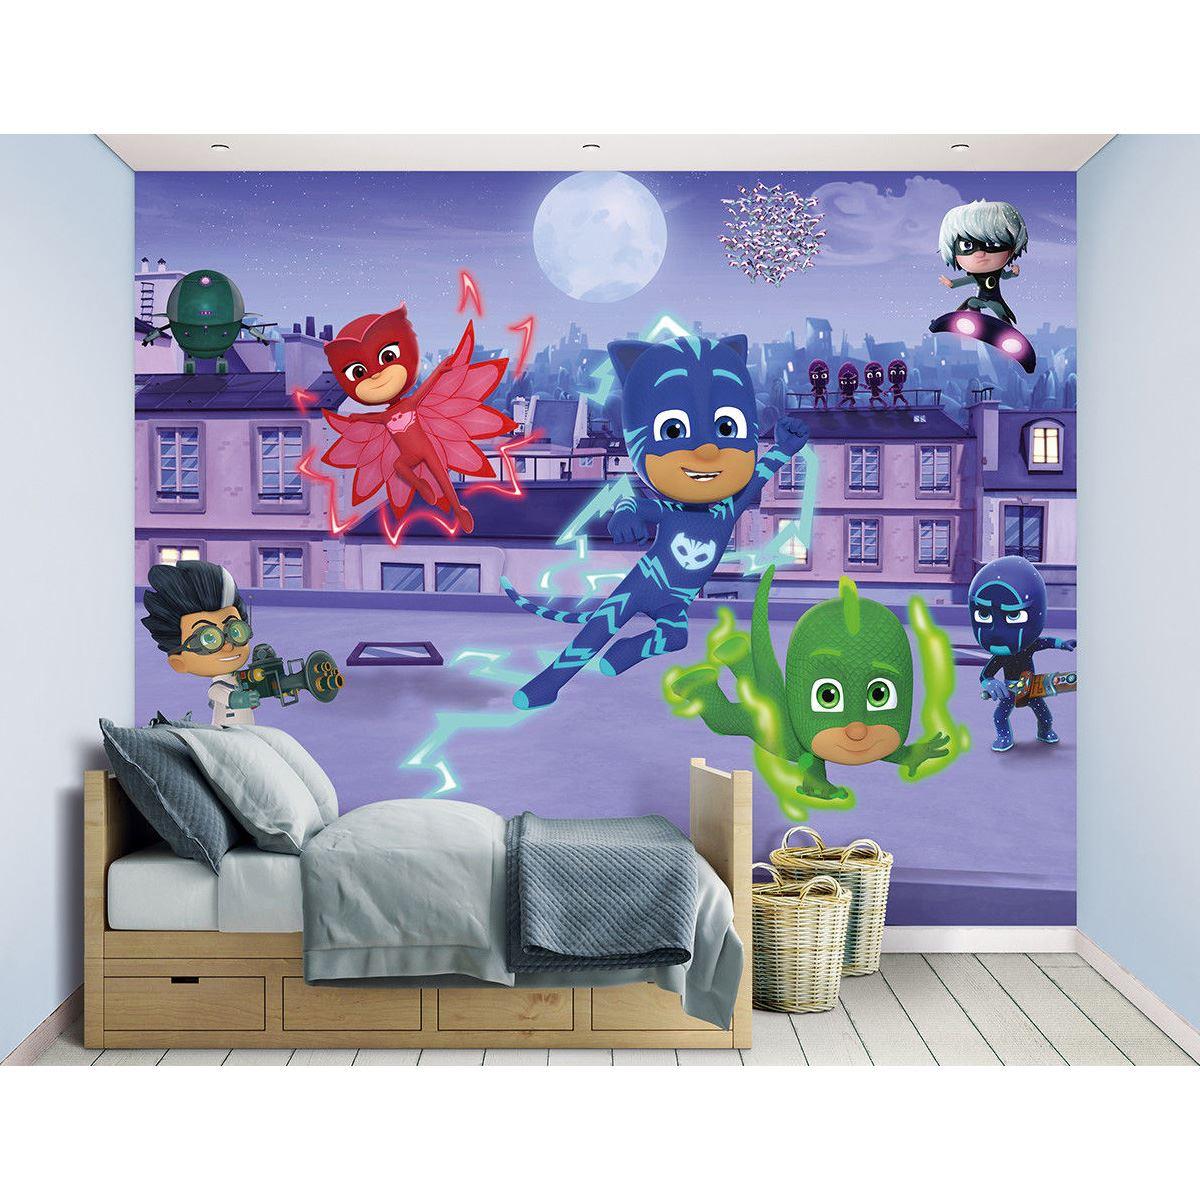 Minecraft Bedroom Wallpaper Ebay